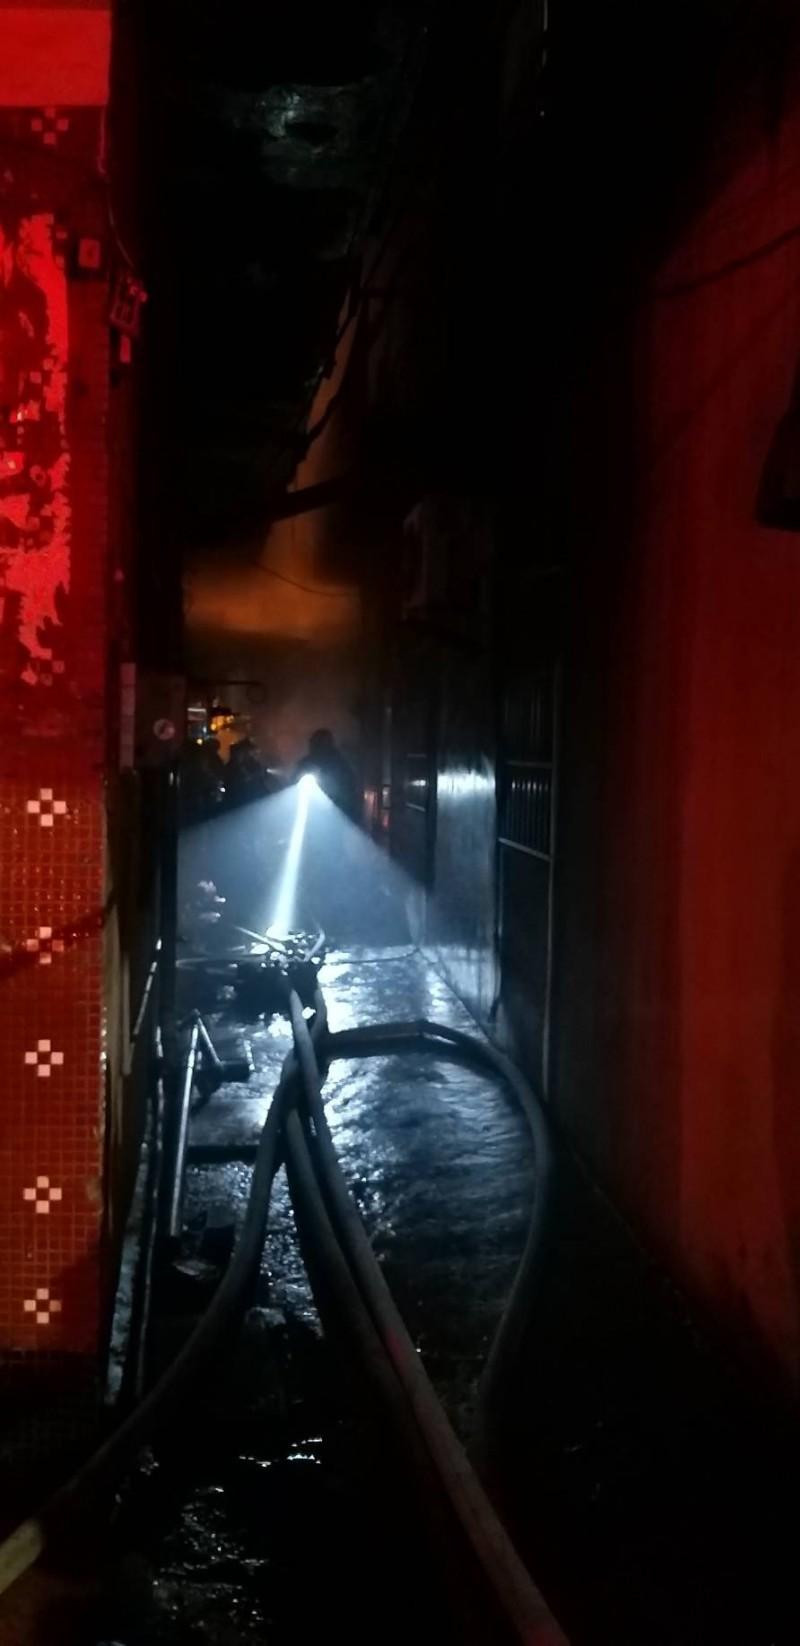 高雄市前鎮鎮發街一處平房晚間火警,一男子陳屍現場。(記者方志賢翻攝)